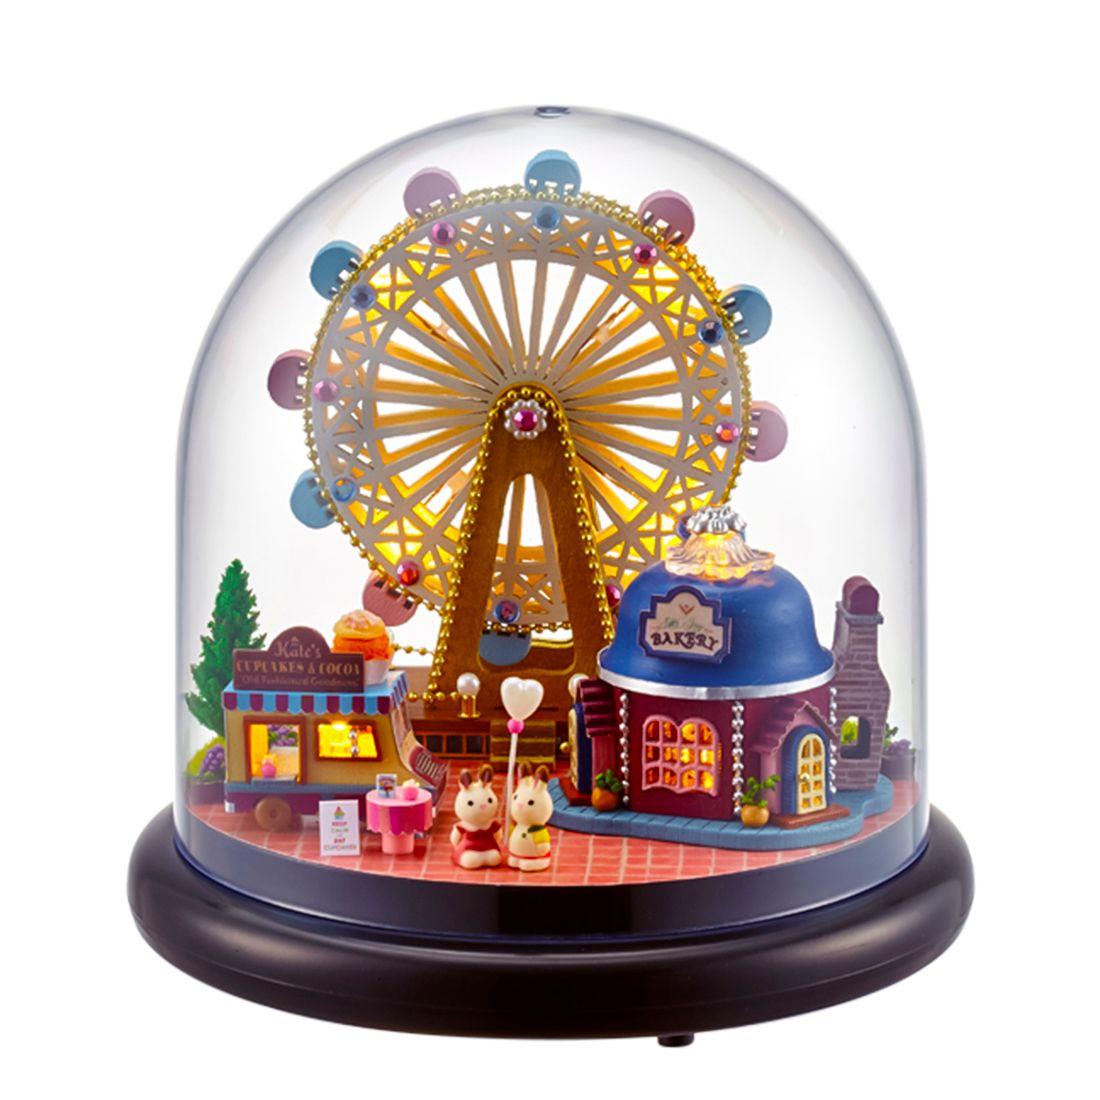 Weihnachtsgeschenke Haushalt.Interessante Puppenhaus Glücklich Riesenrad 3d Montage Diy Haushalt Kreative Haus Kit Weihnachtsgeschenke Spielzeug Für Kinder